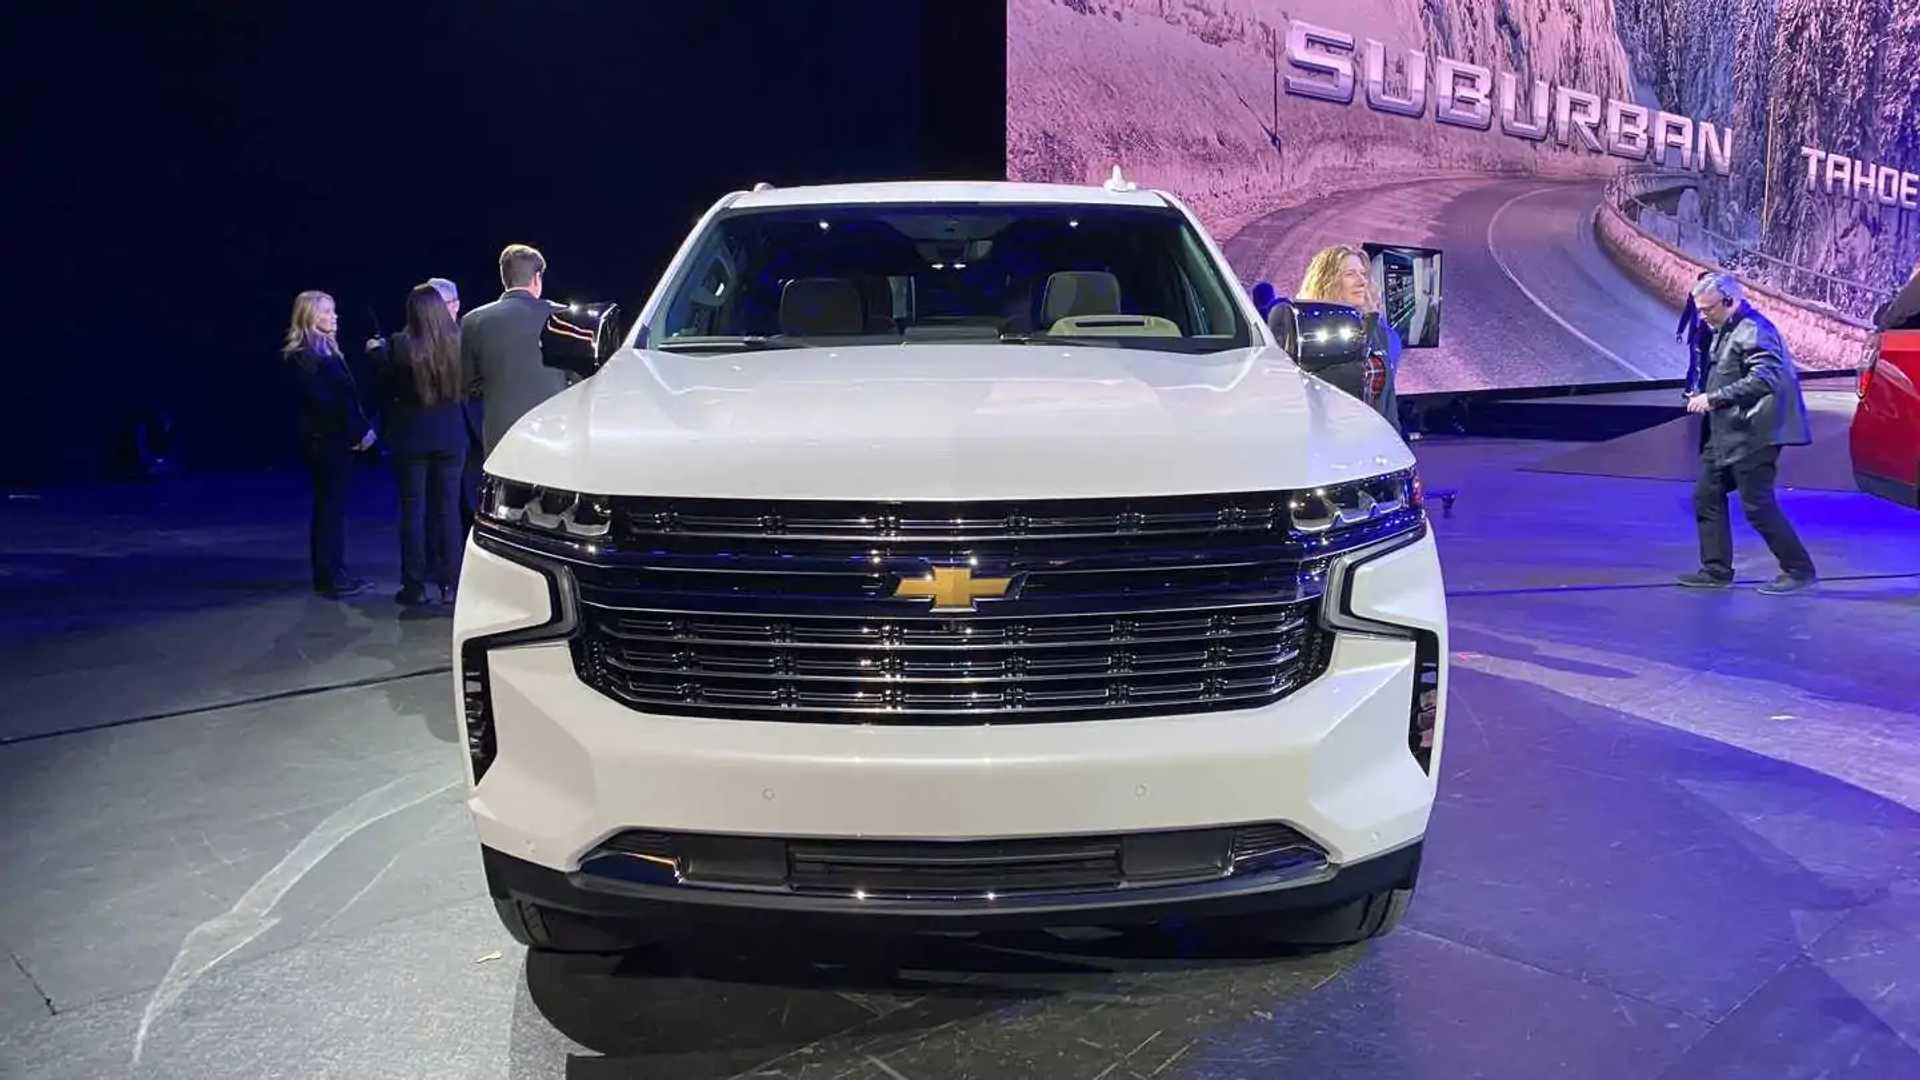 Chevrolet Suburban Und Tahoe 2021 Neue Mega Suvs Vorgestellt